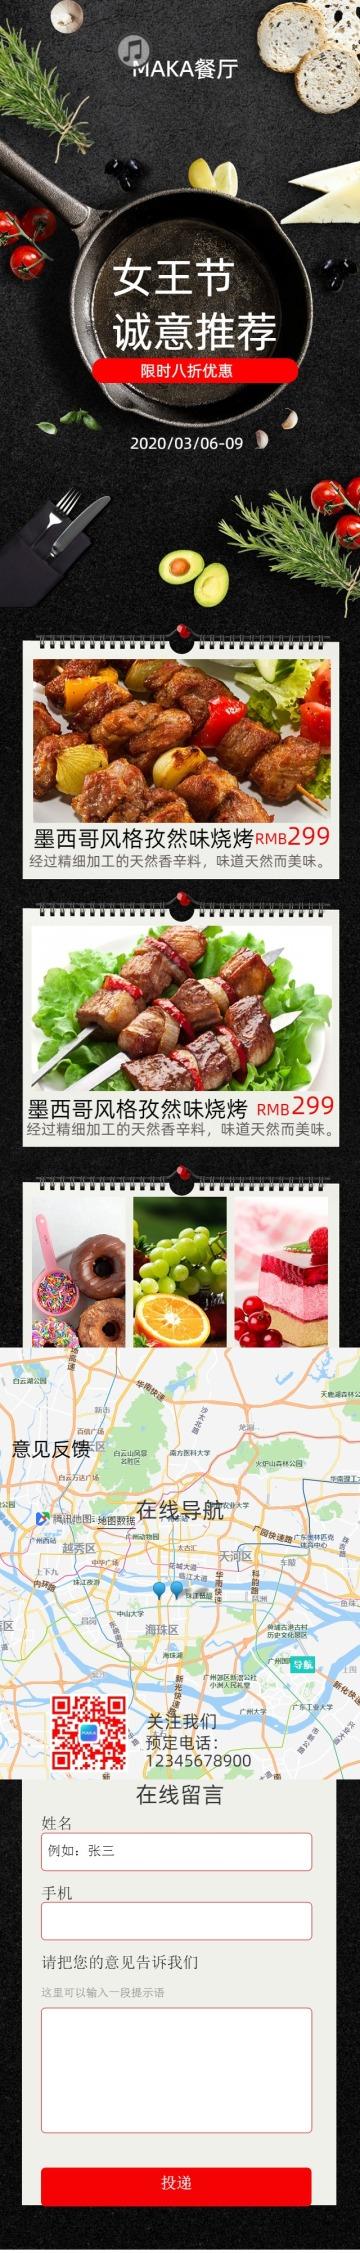 复古38妇女节餐饮菜品促销宣传推广活动长页